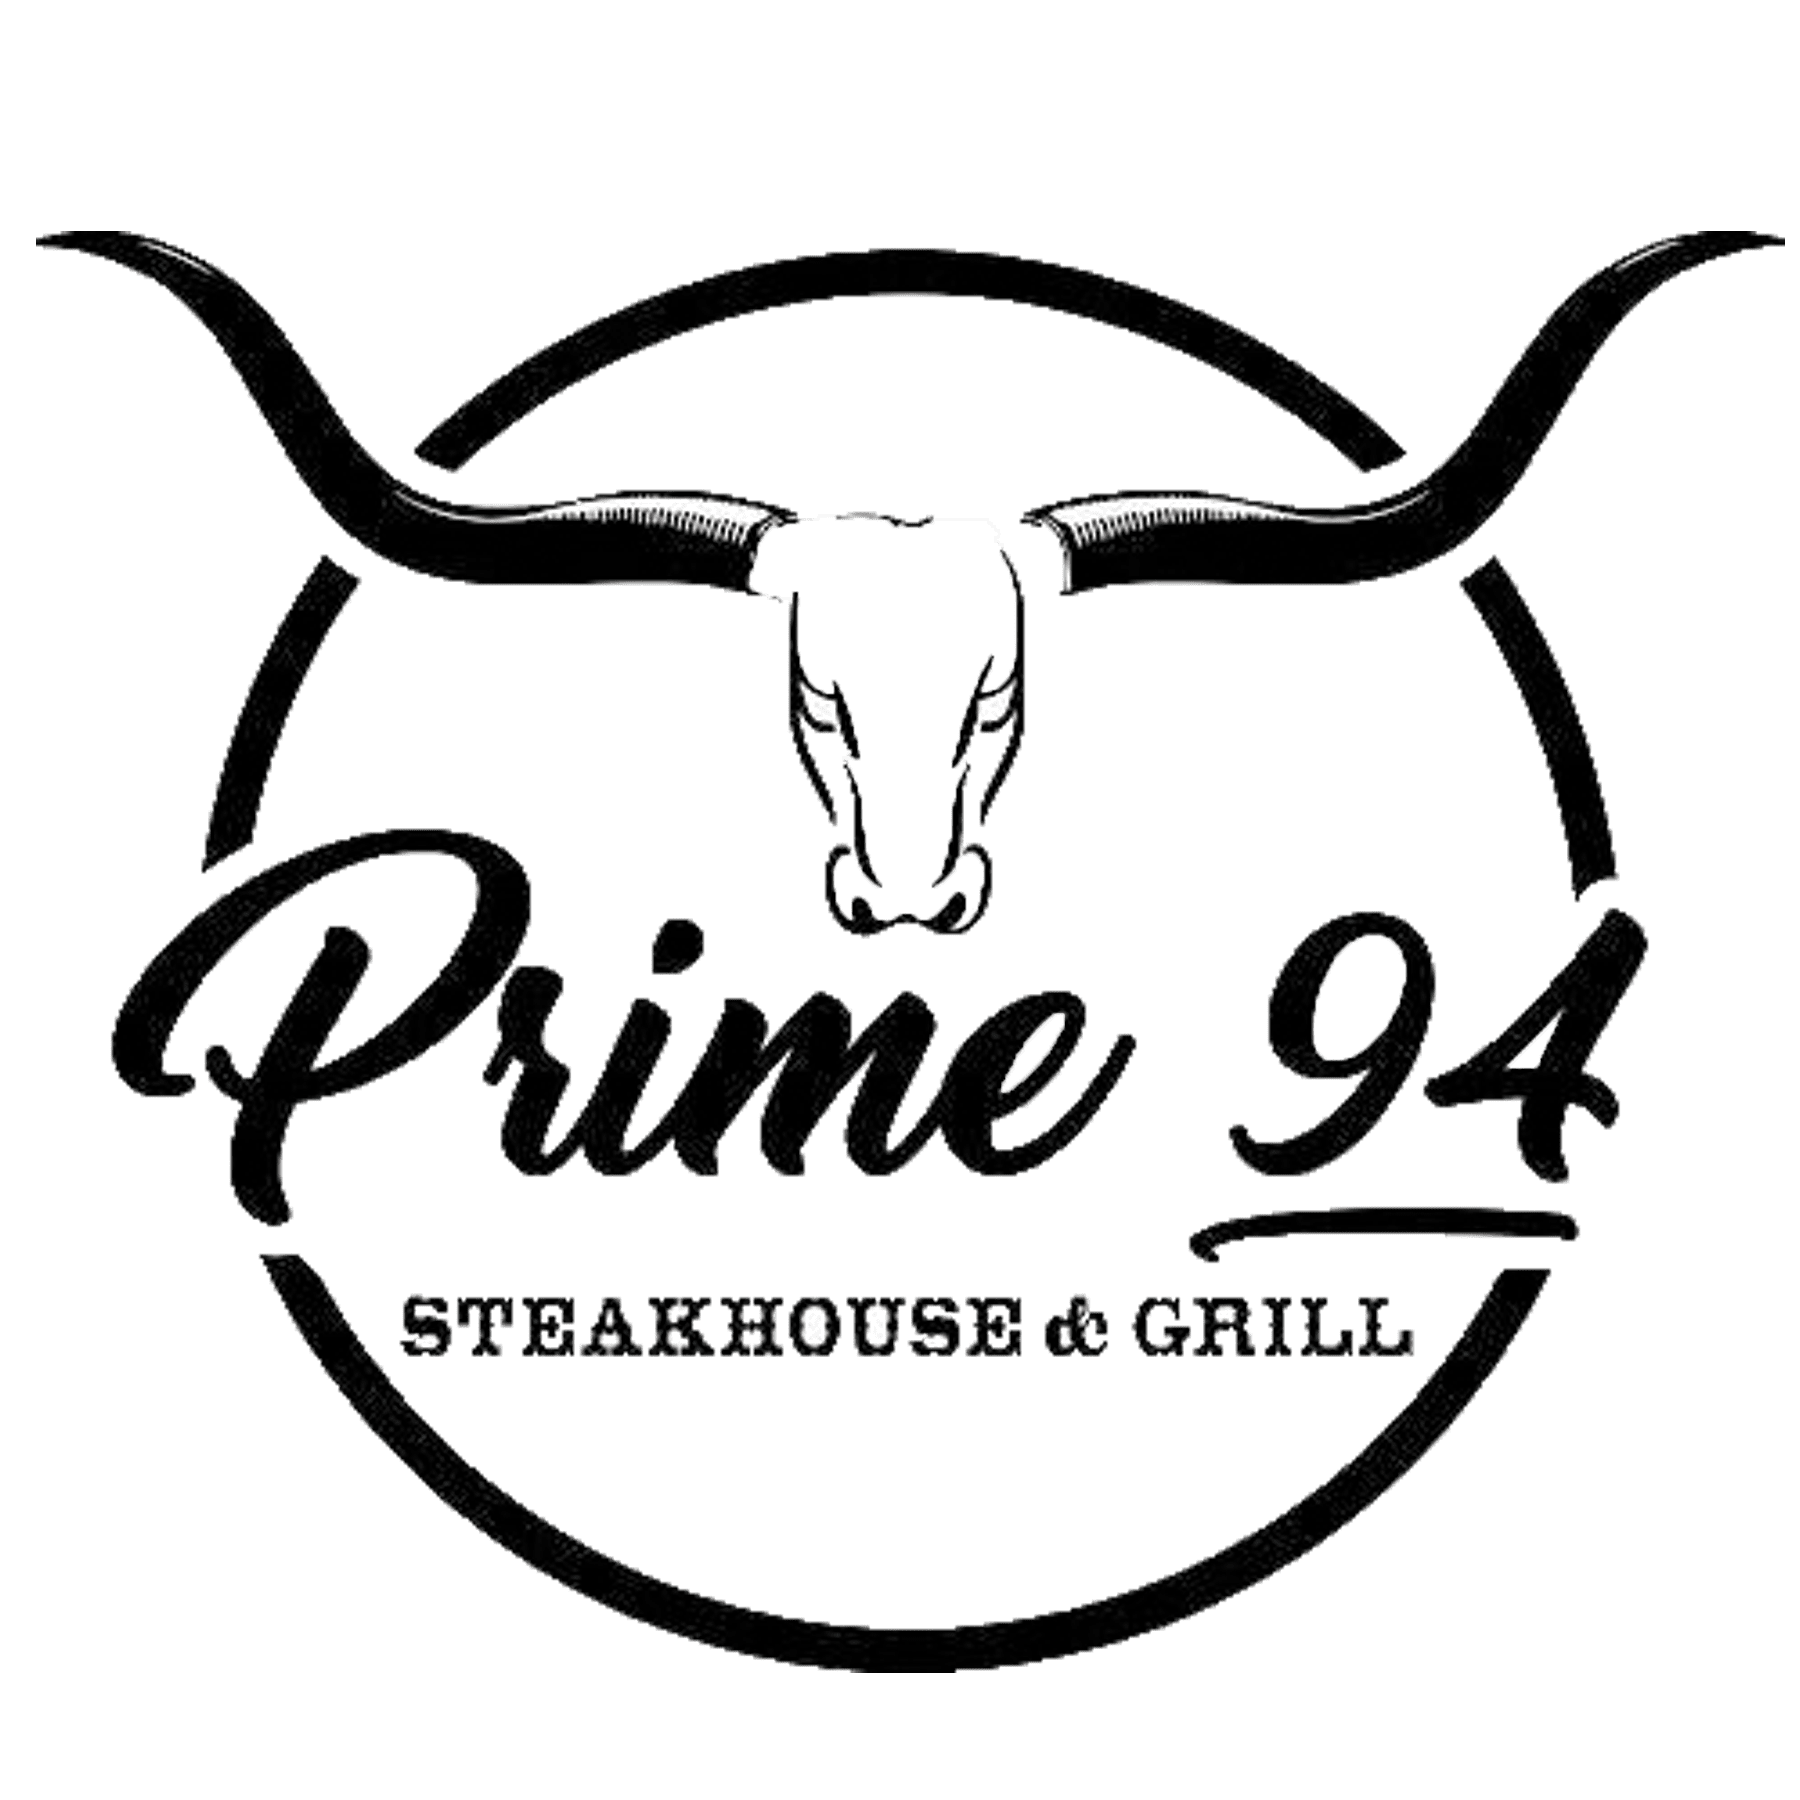 prime 94 logo